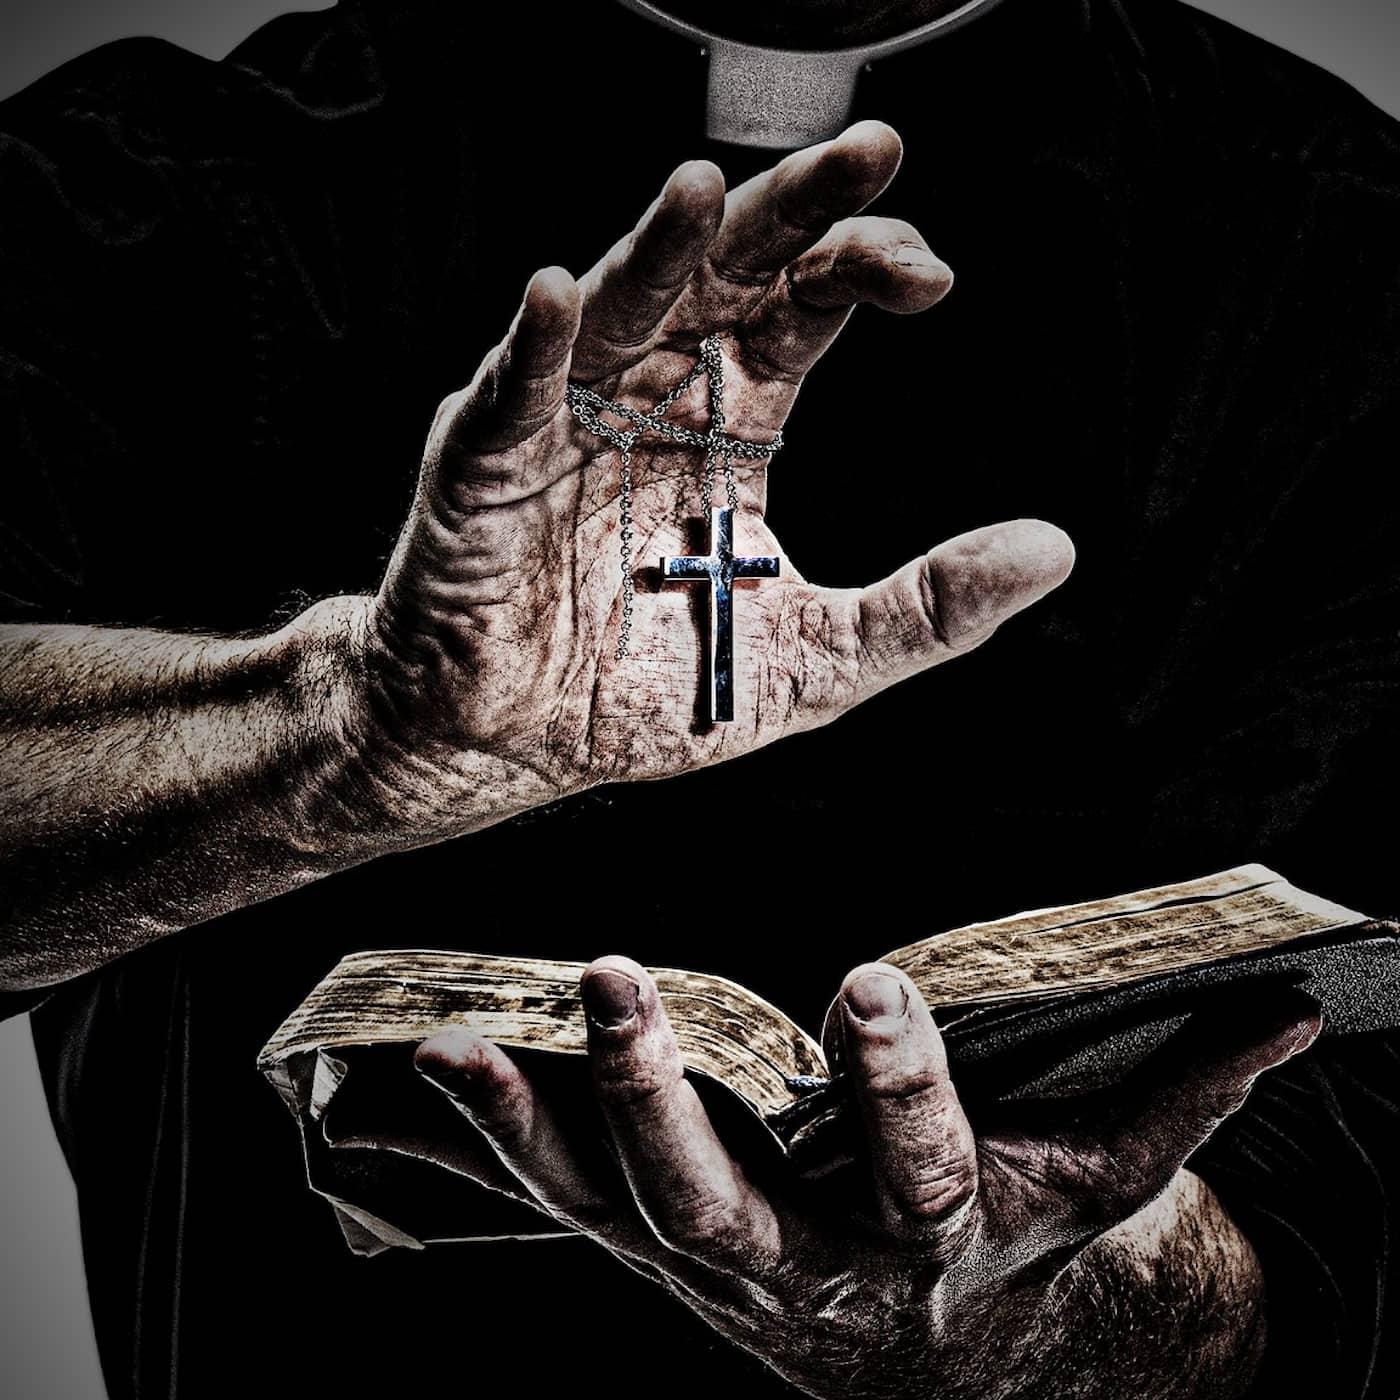 Del 5 av 8. Exorcismen i Eksjö – Fader Edward vittnar